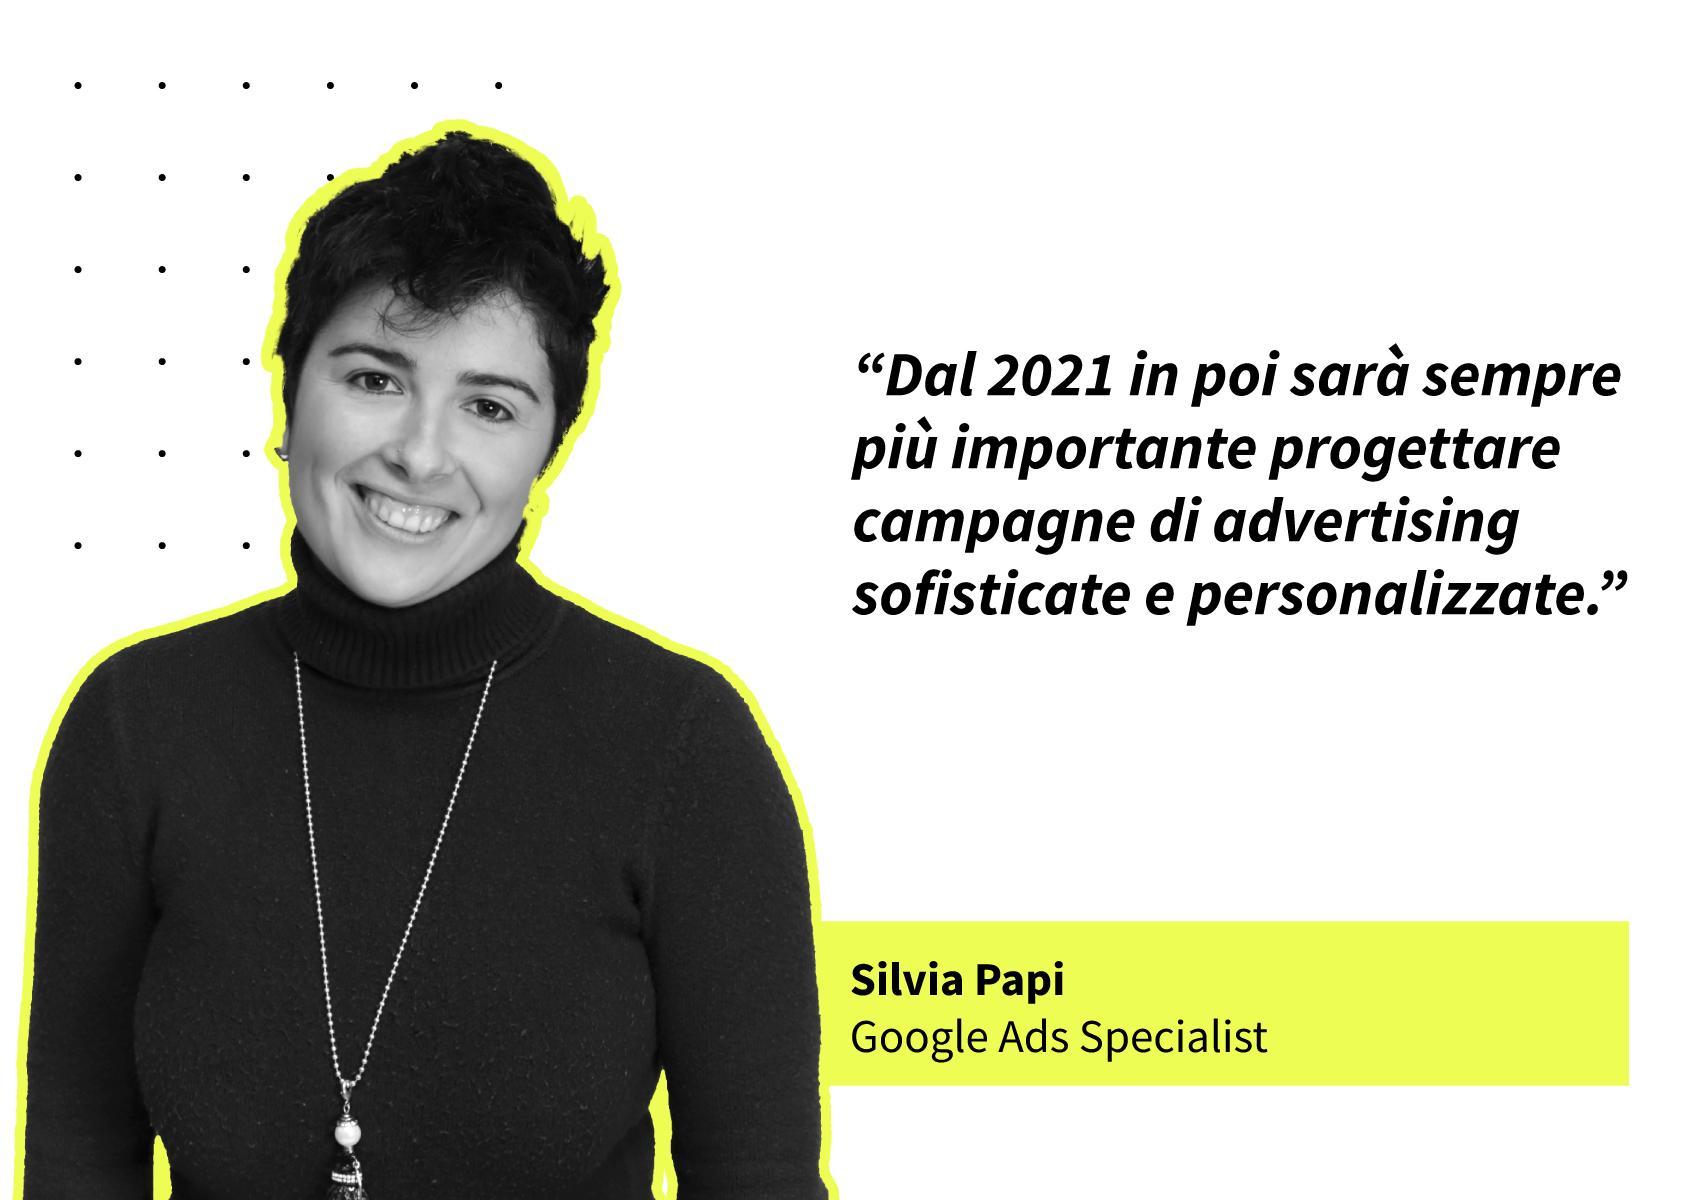 Blog-post-paid-2021-citazione-silvia